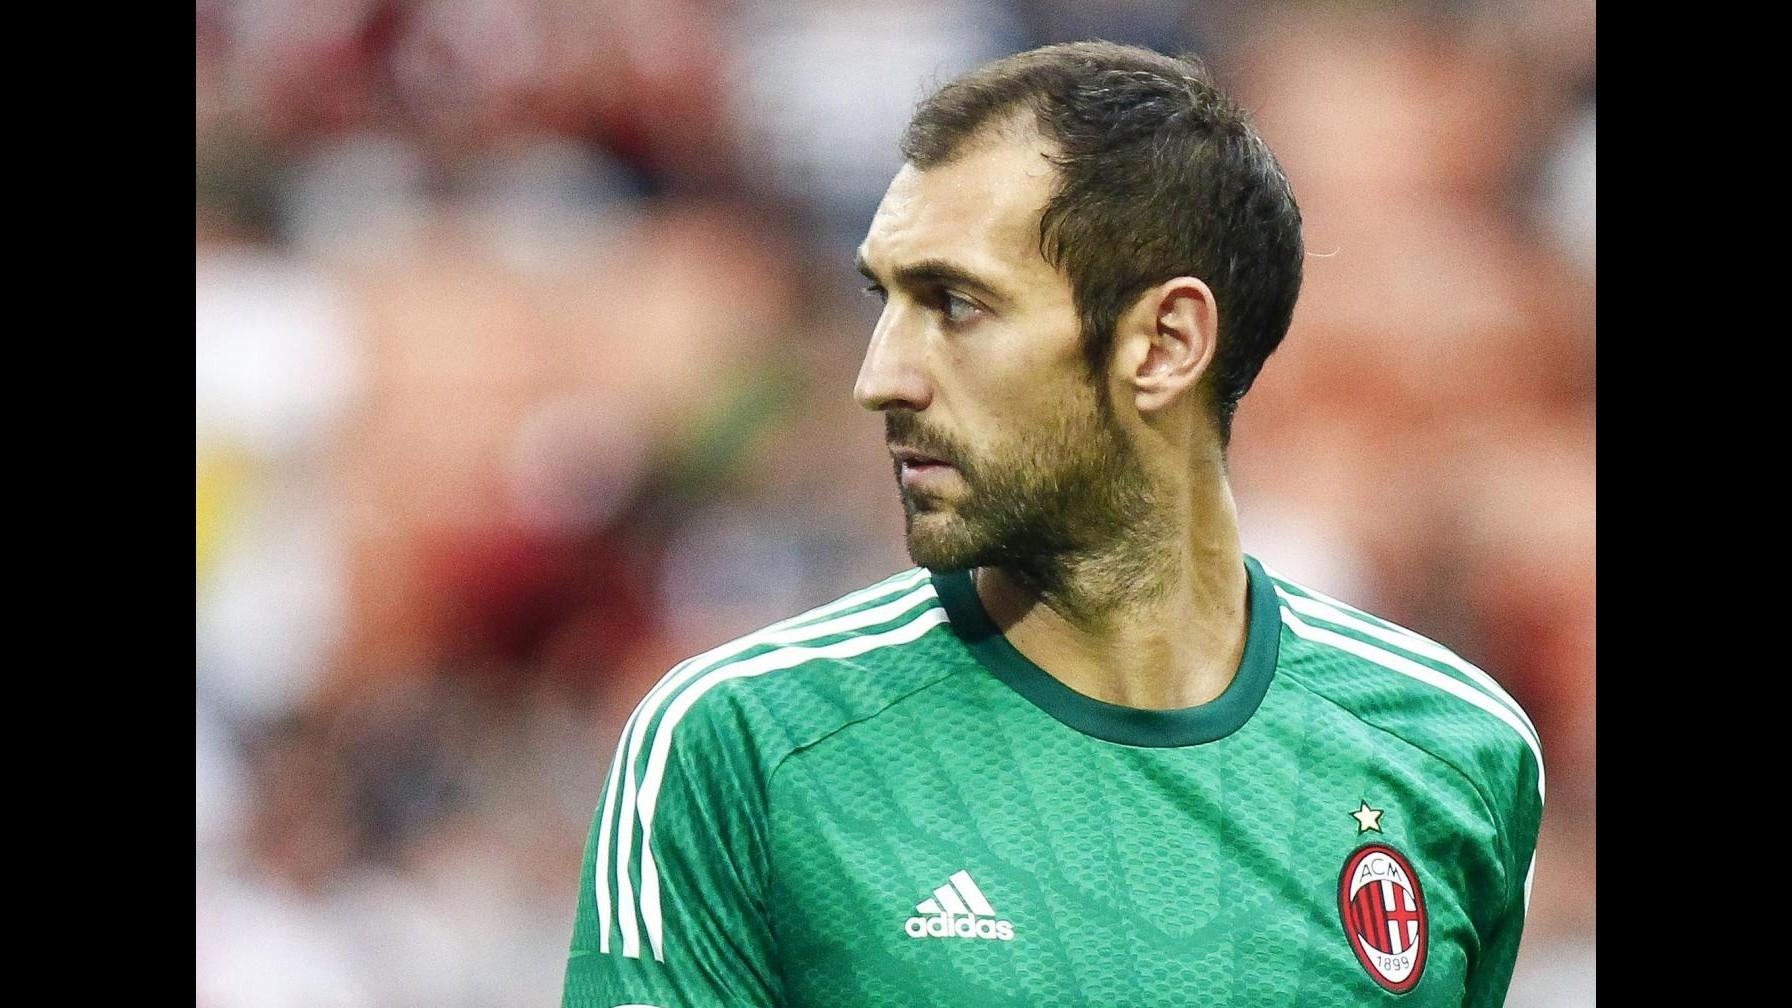 Diego Lopez, rientro vicino: Ho voglia di ritornare, qui per aiutare il Milan